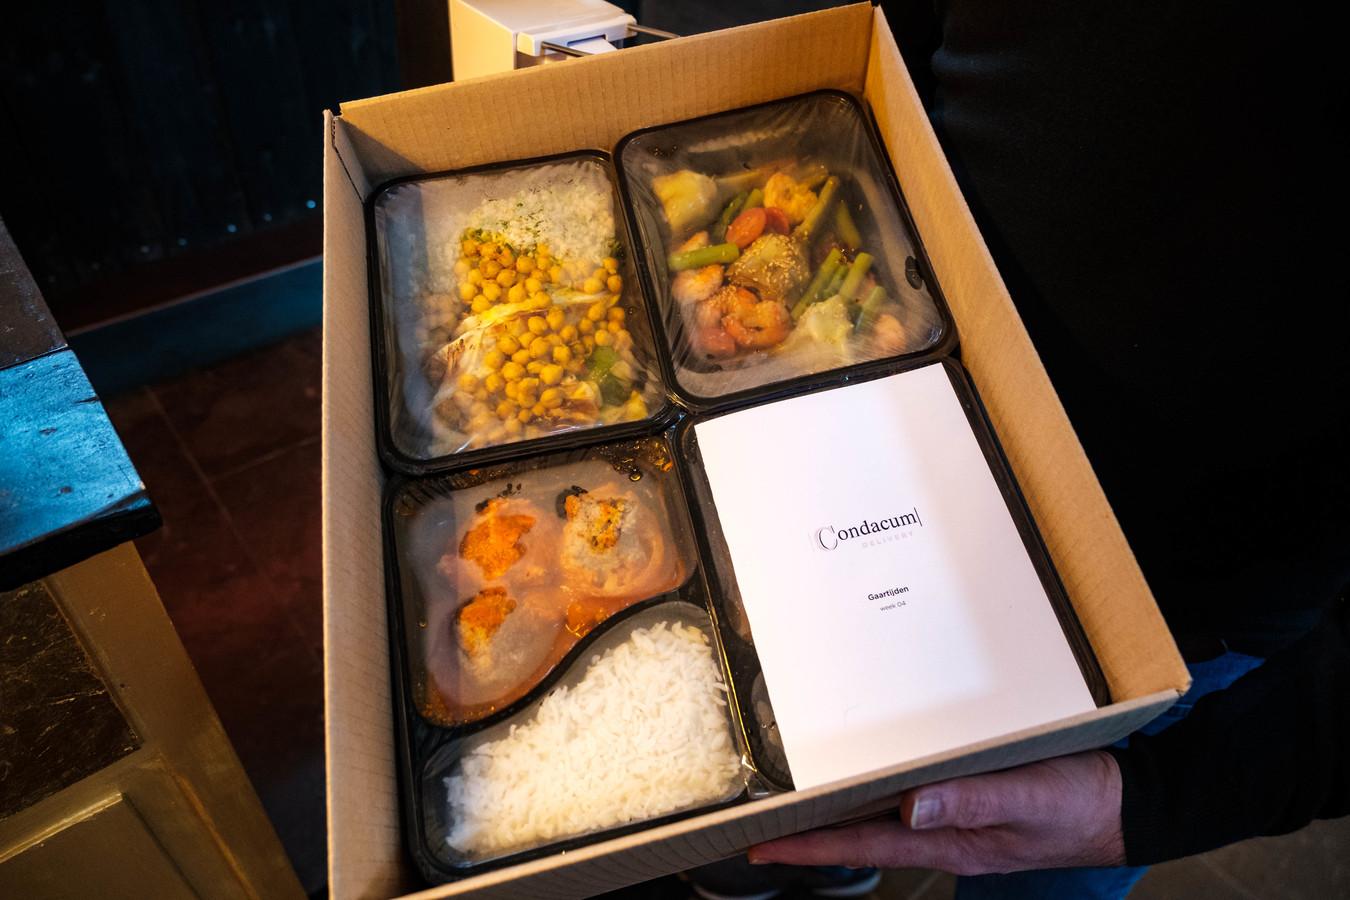 Een van de kant-en-klare maaltijdboxen van Condacum.